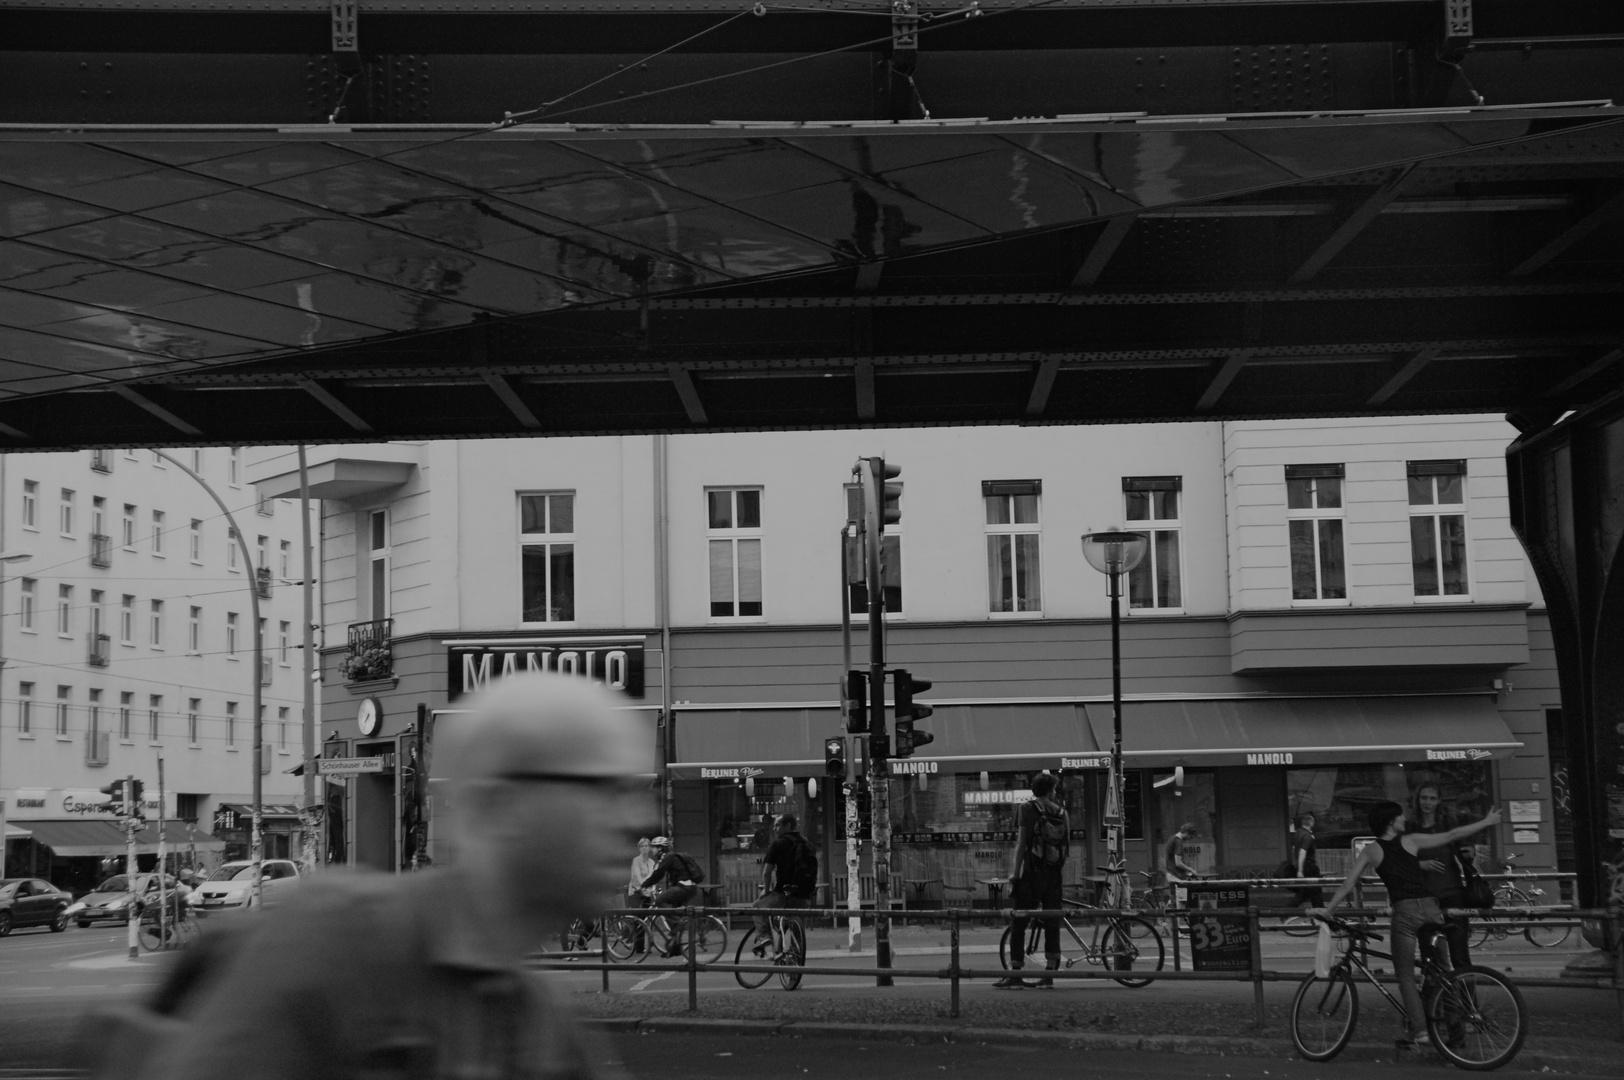 Manolo en Berlín.